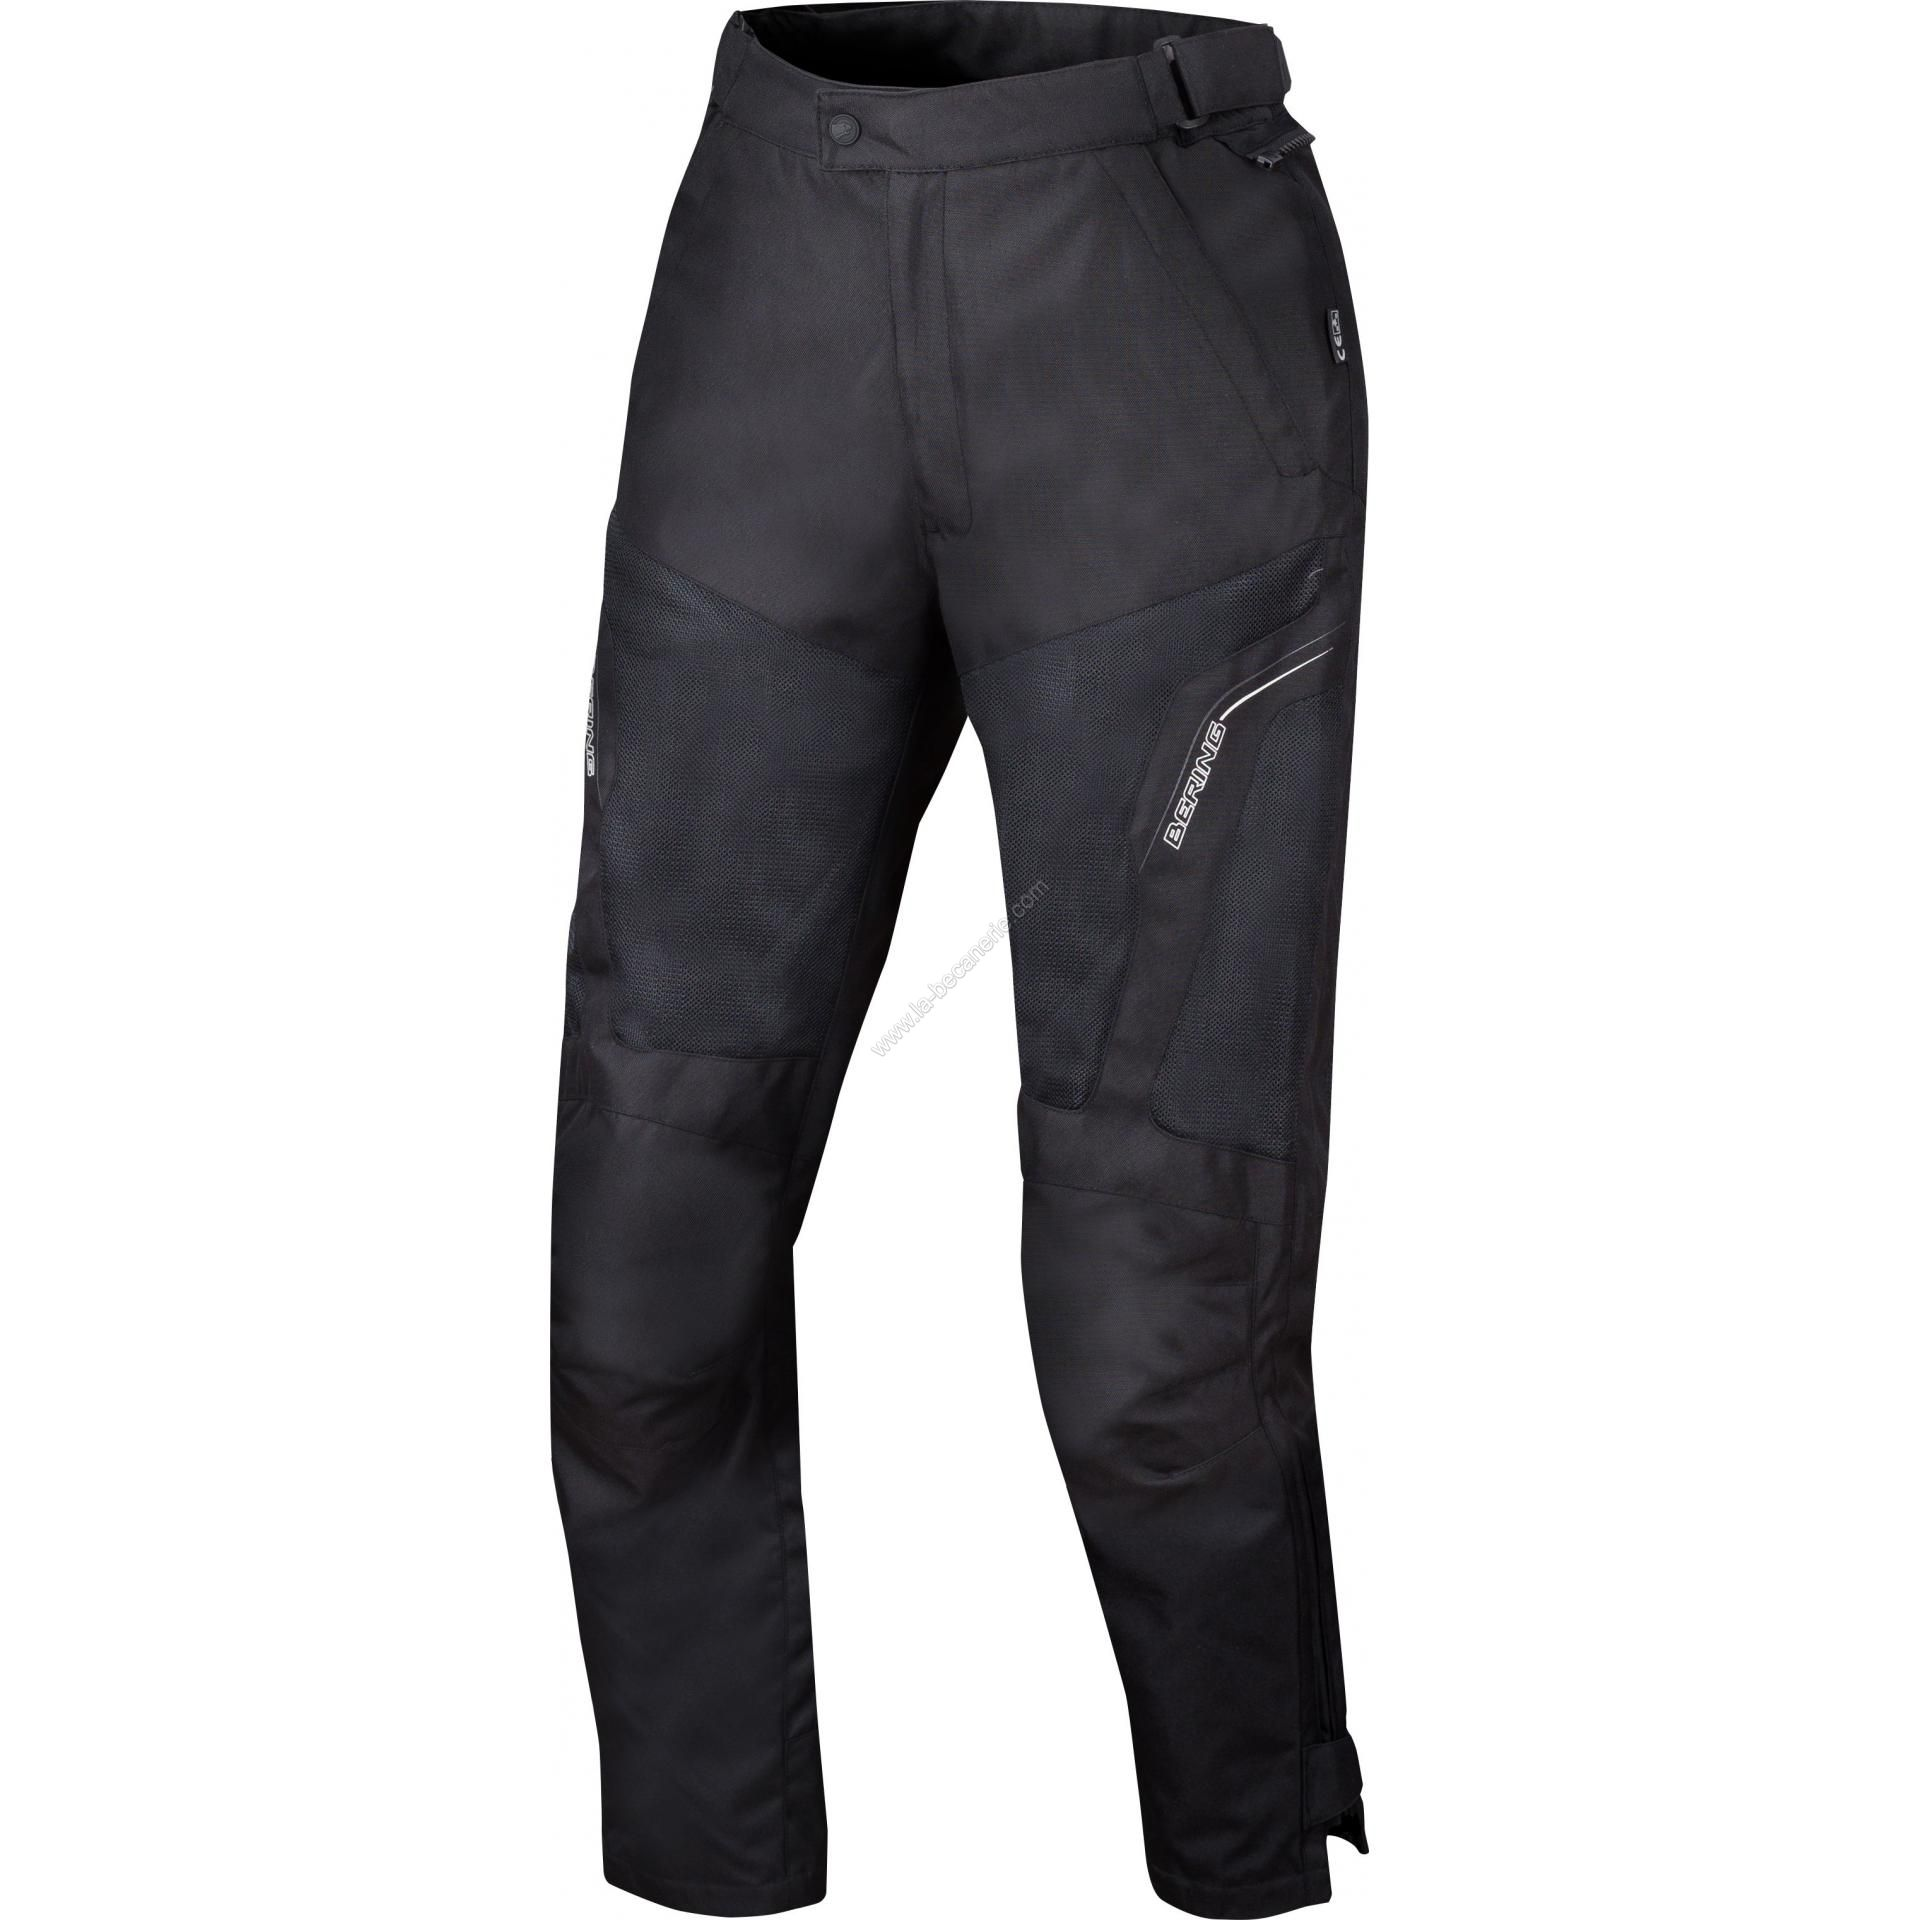 Noir Équipement Bering Lady Textile Route Femme Cancun Pantalon Pw6aHqgxU